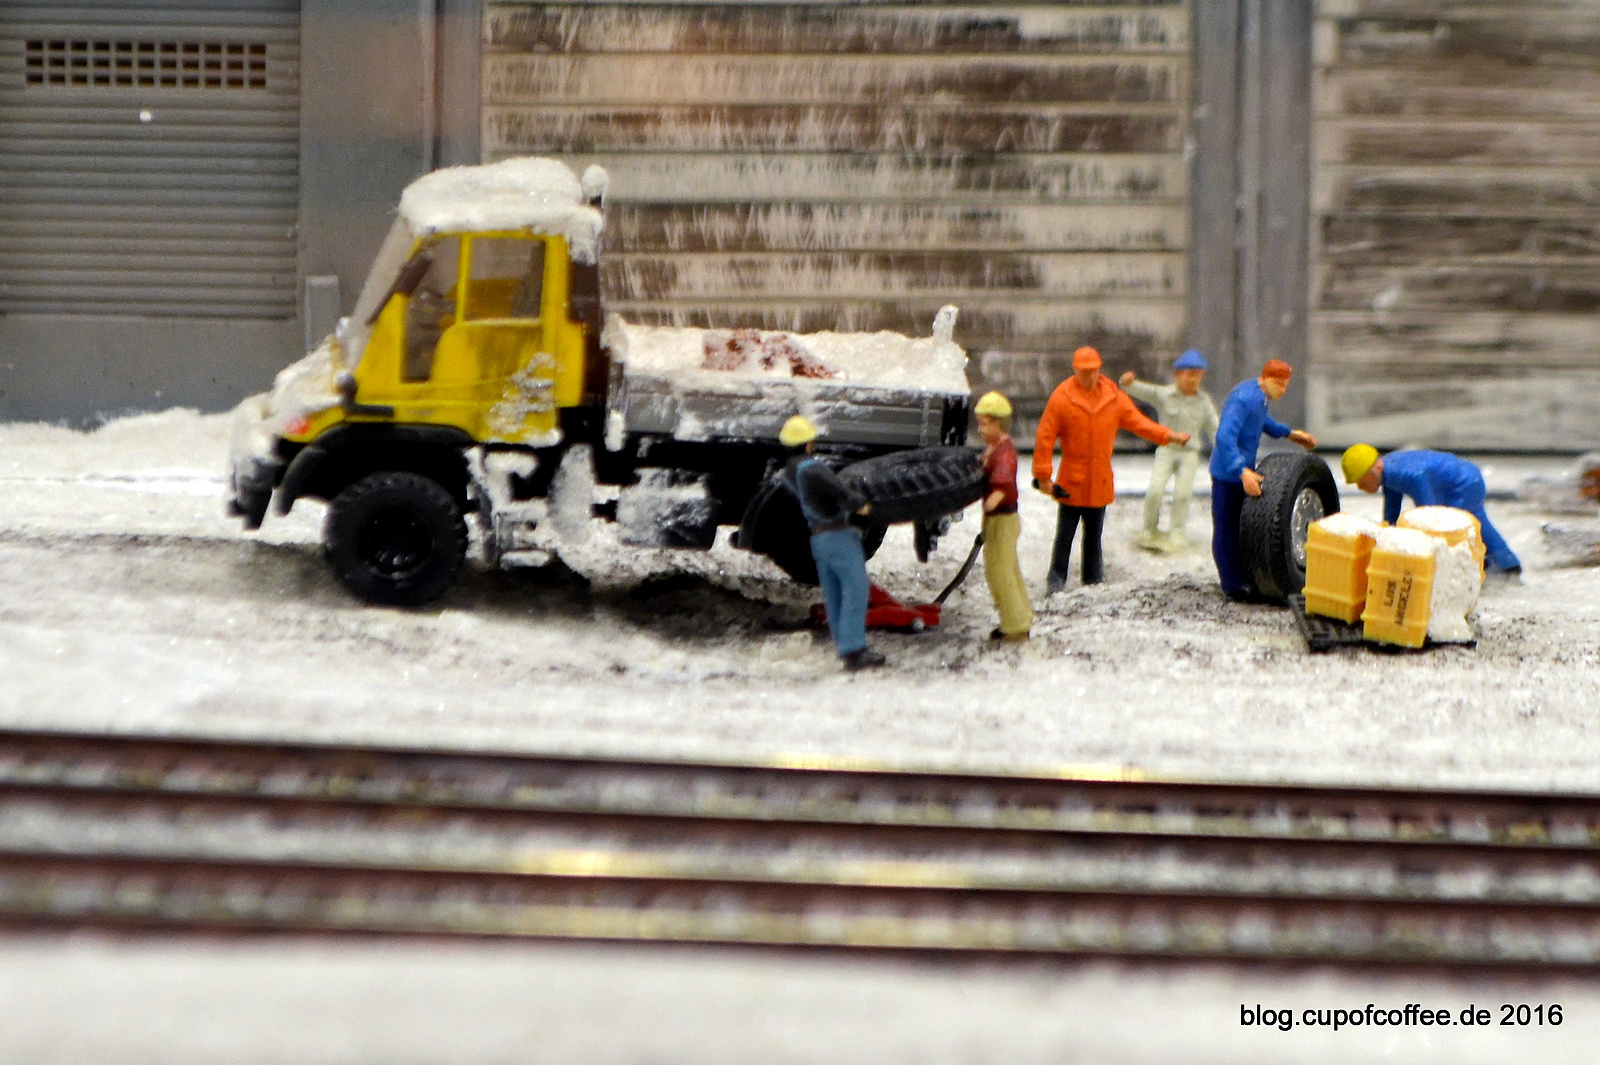 Ob der neue Reifen wirklich das richtige Profil hat für die verschneiten Straßen Kirunas?